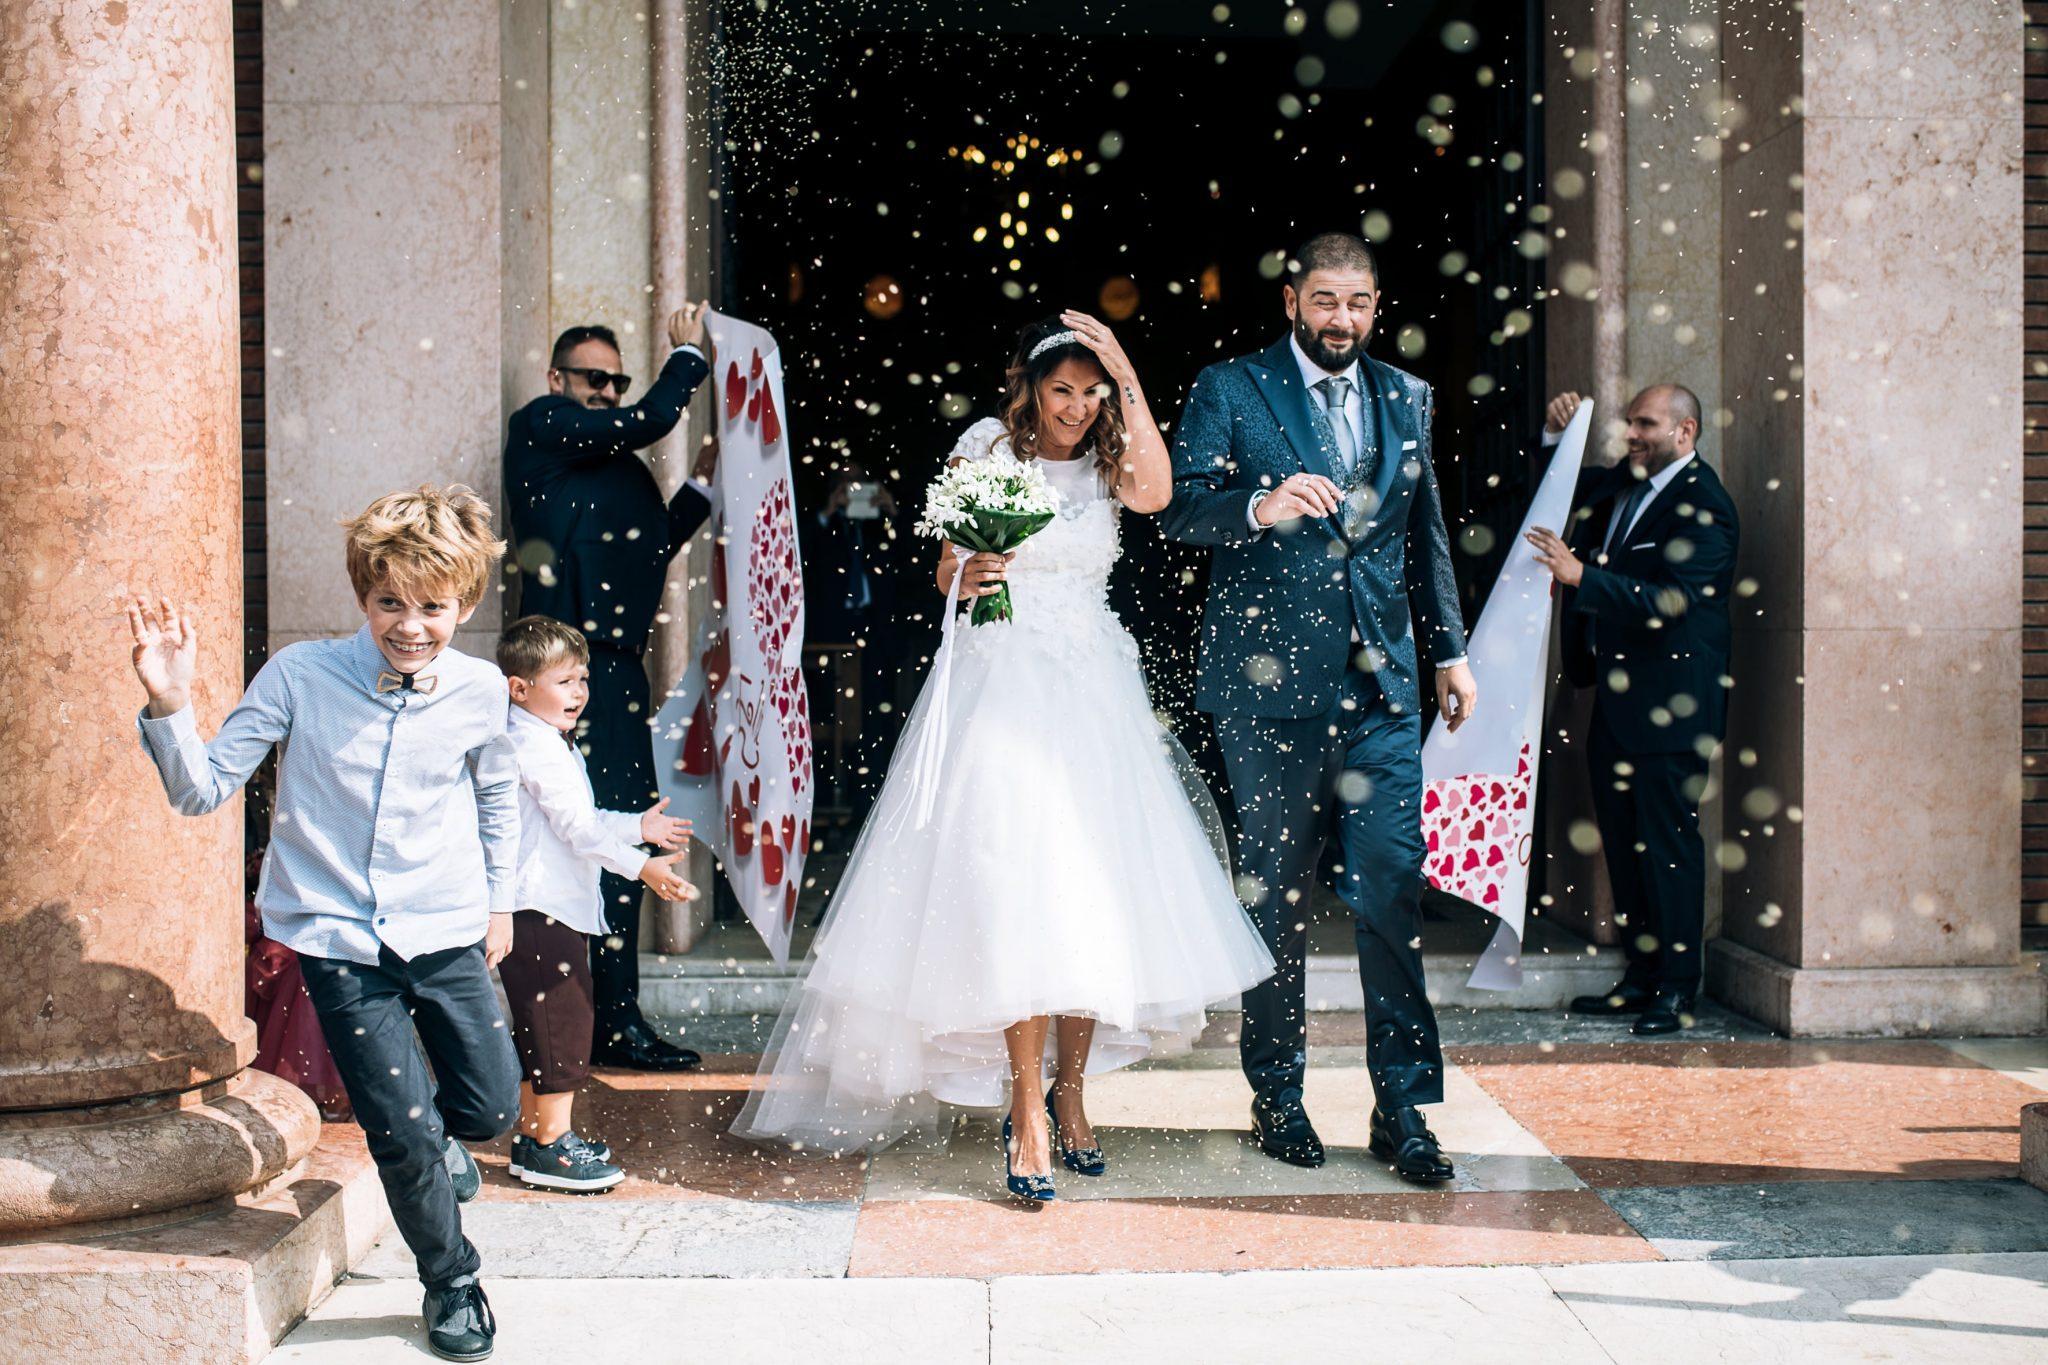 gli sposi all'uscita della chiesa con il lancio del riso